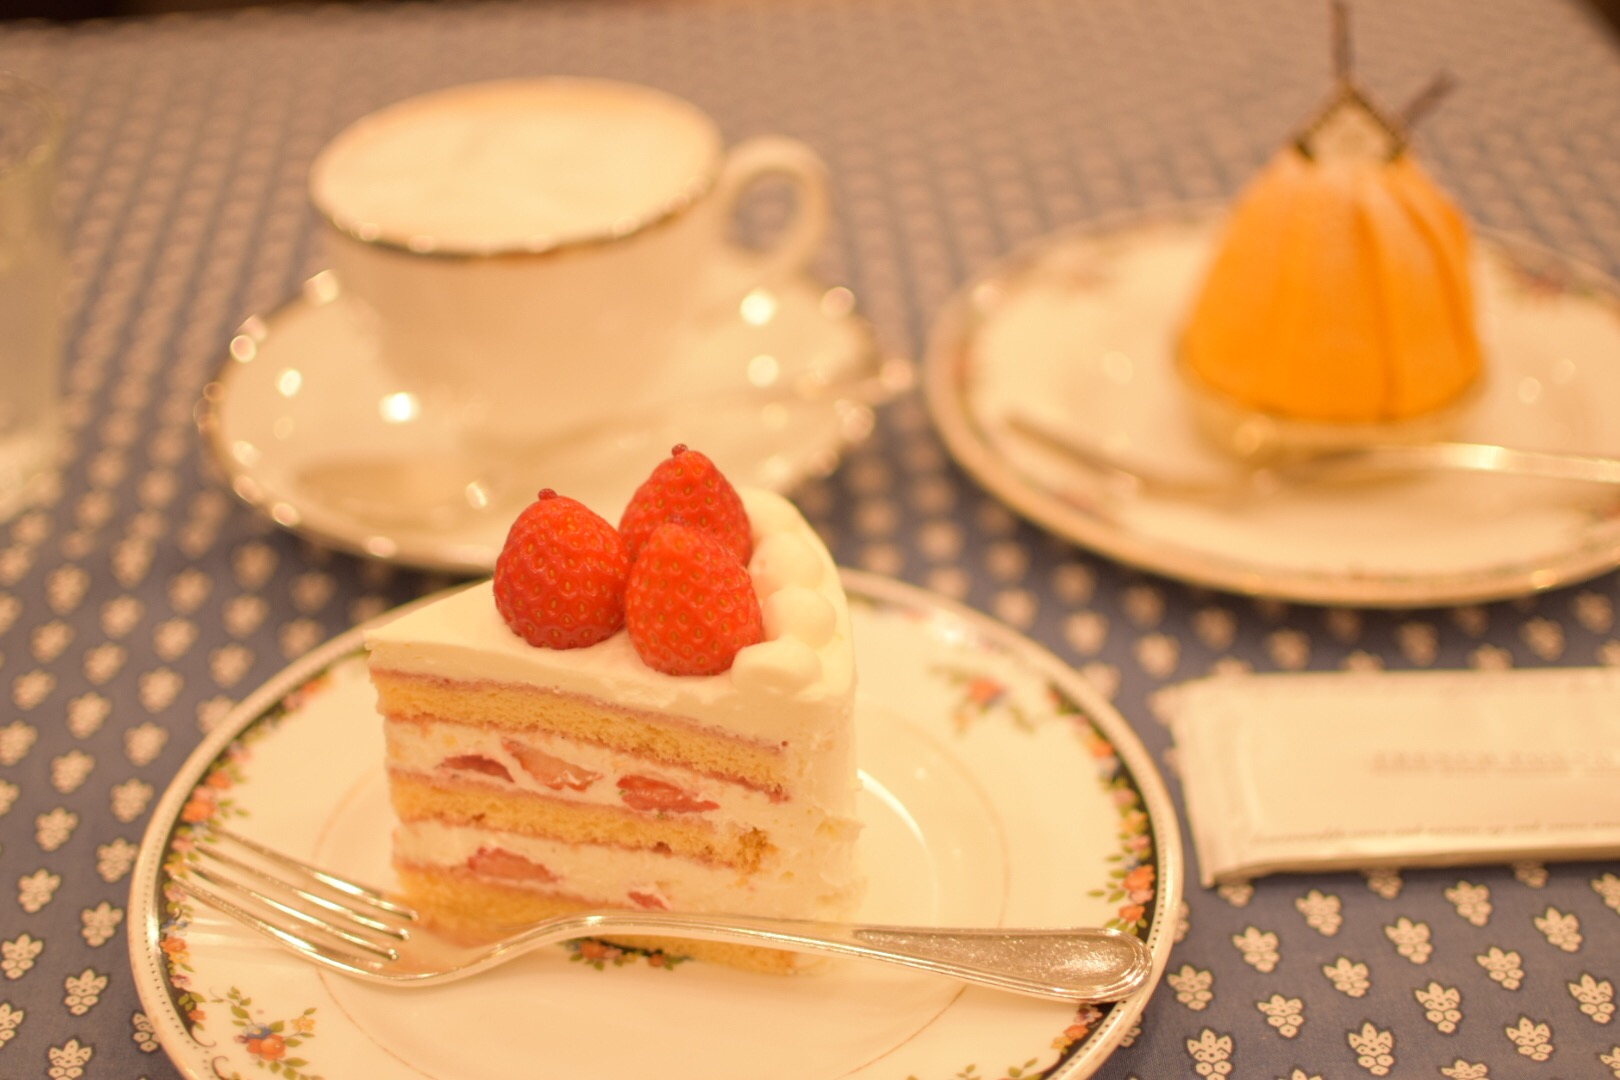 【東京】日本一のショートケーキ!フレンチパウンドハウス【駒込・巣鴨】_1